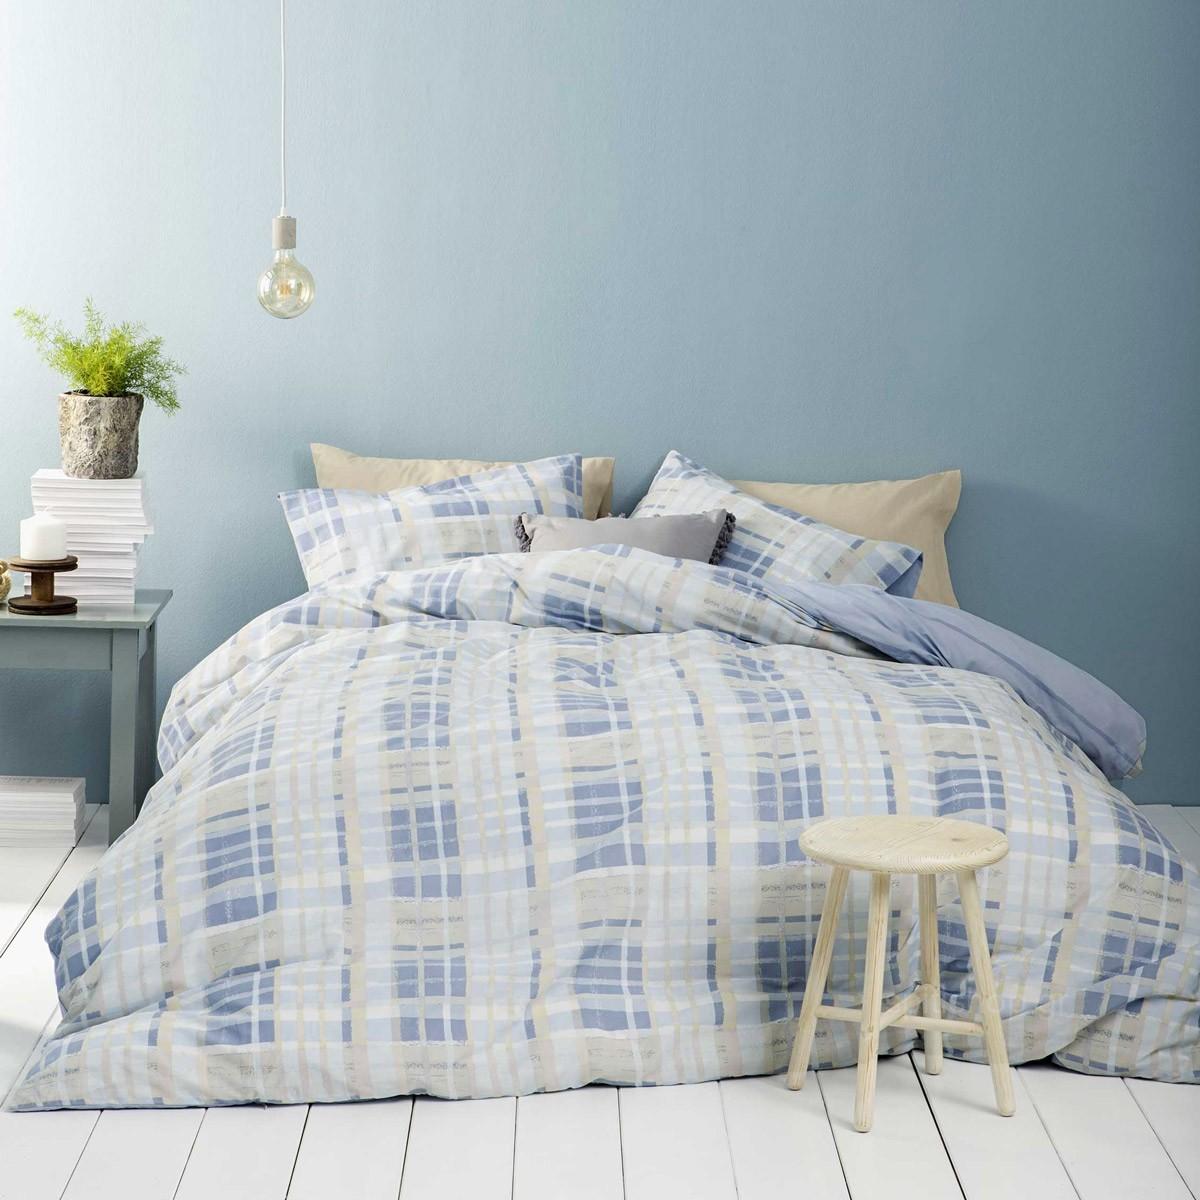 Σεντόνια Υπέρδιπλα (Σετ) Nima Bed Linen Melville Blue ΜΕ ΛΑΣΤΙΧΟ ΜΕ ΛΑΣΤΙΧΟ